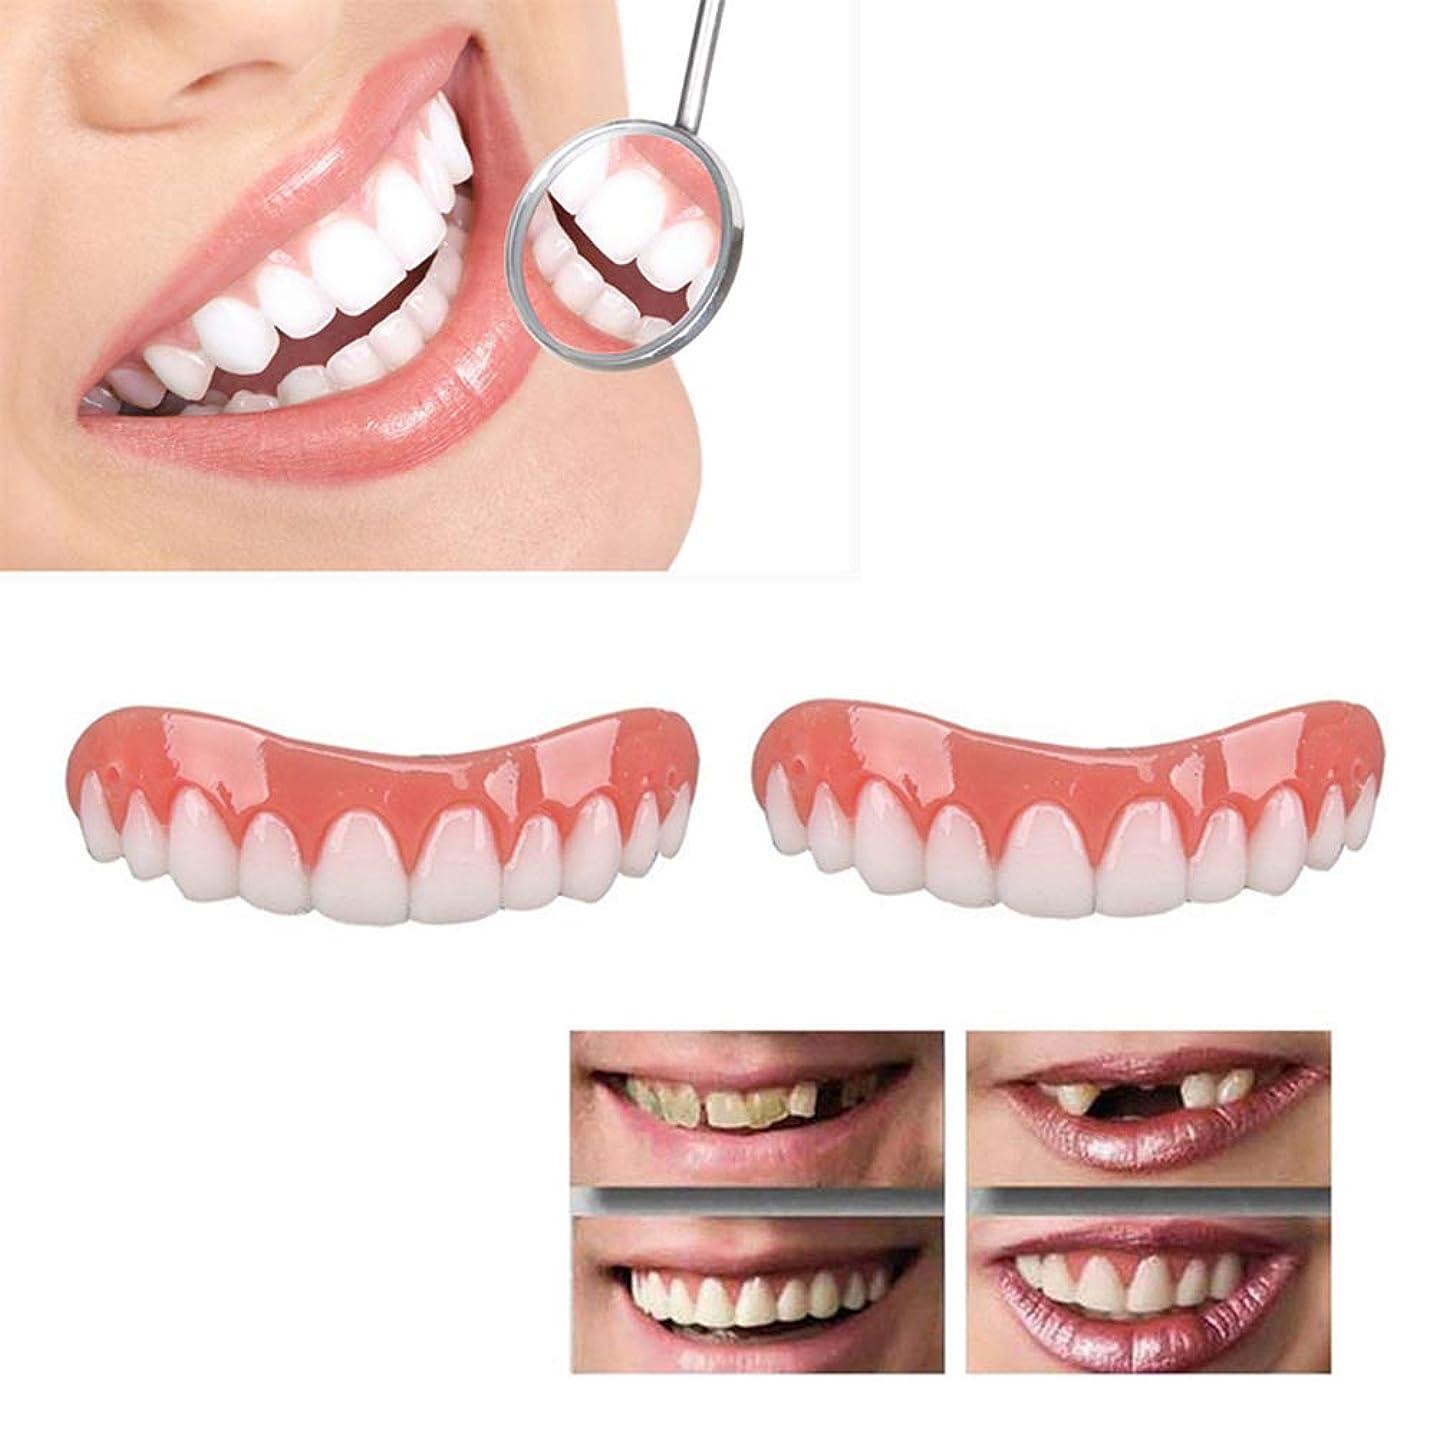 十代ステープル従来の一時的な歯の矯正のための笑顔のベニヤコンフォートフィットフレックスアッパー歯セット上の偽歯インスタントスナップ